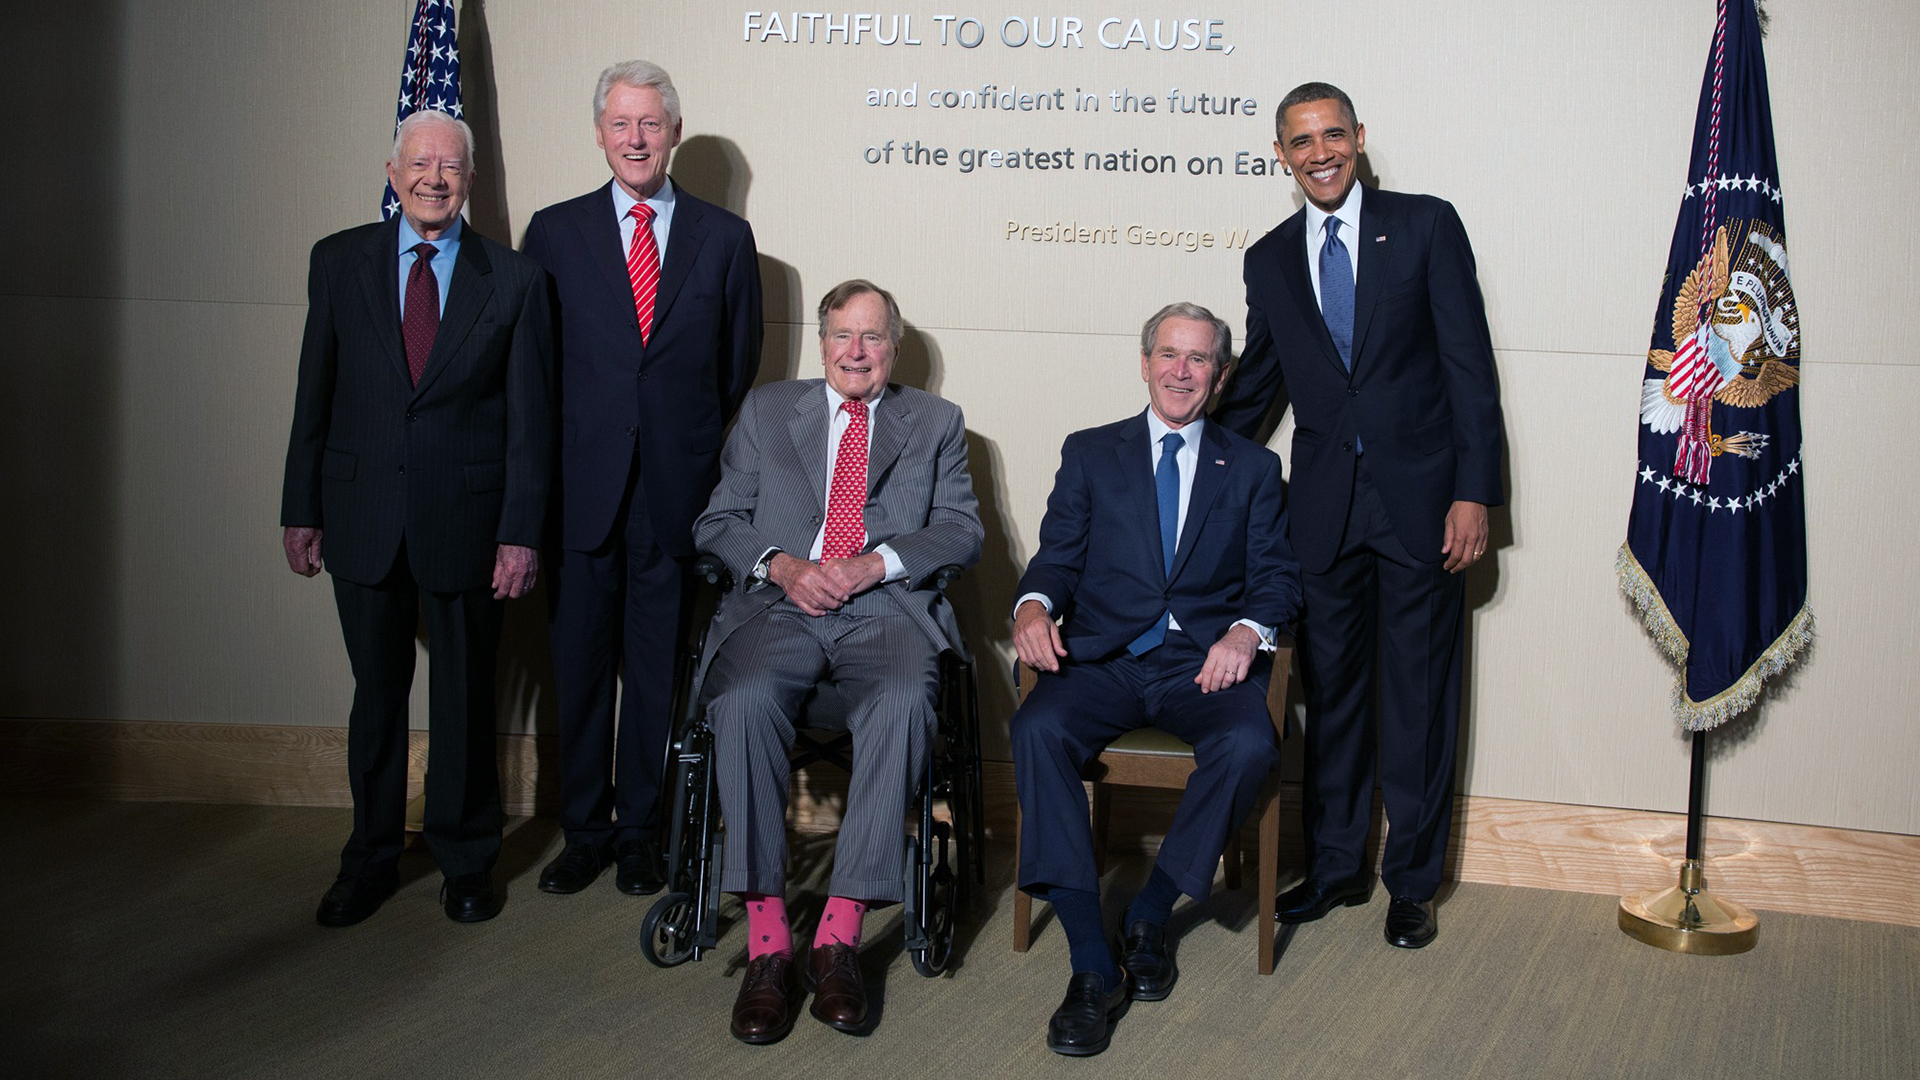 Jimmy Carter, George HW Bush, George W Bush, Bill Clinton, Barack Obama-159532.jpg10289422